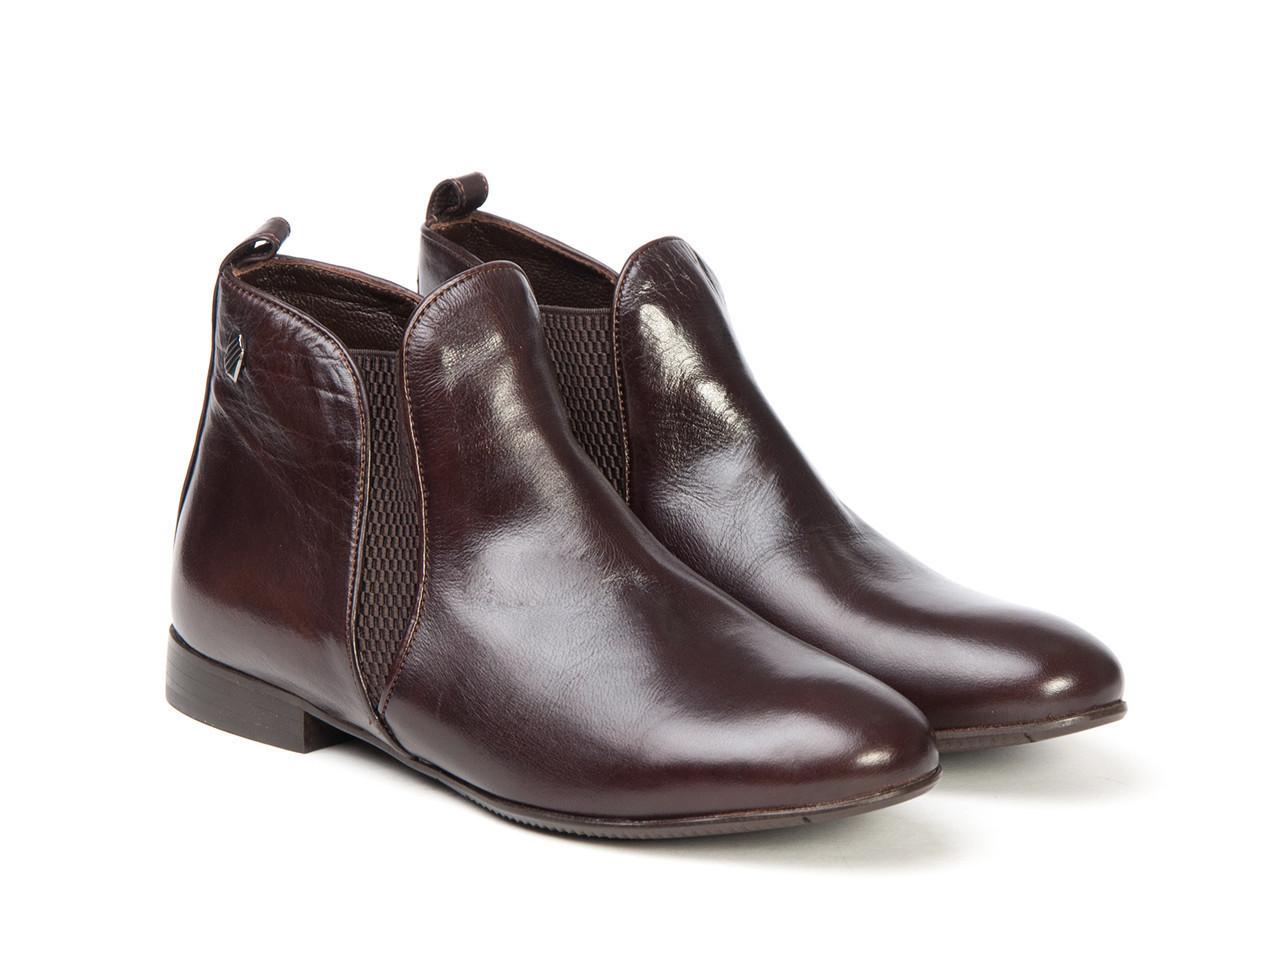 Ботинки Etor 3560-0-3626 38 коричневые